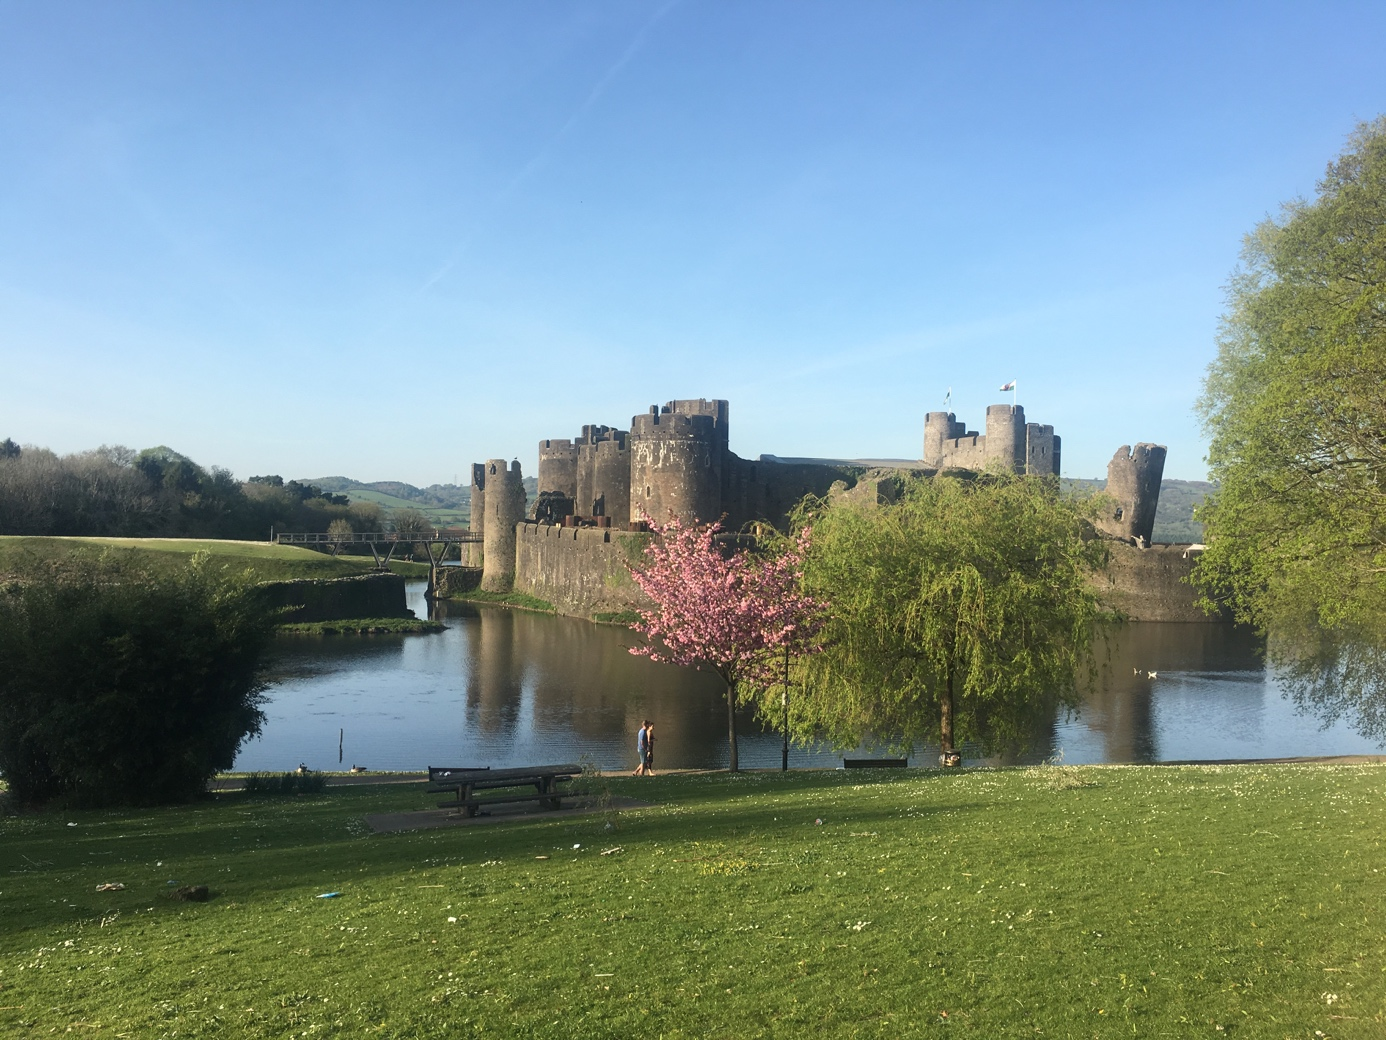 Caerphilly Castle. Das größte Schloß von Wales, welches sich ausgesprochen für Ausflüge in der Zweisamkeit eignet.